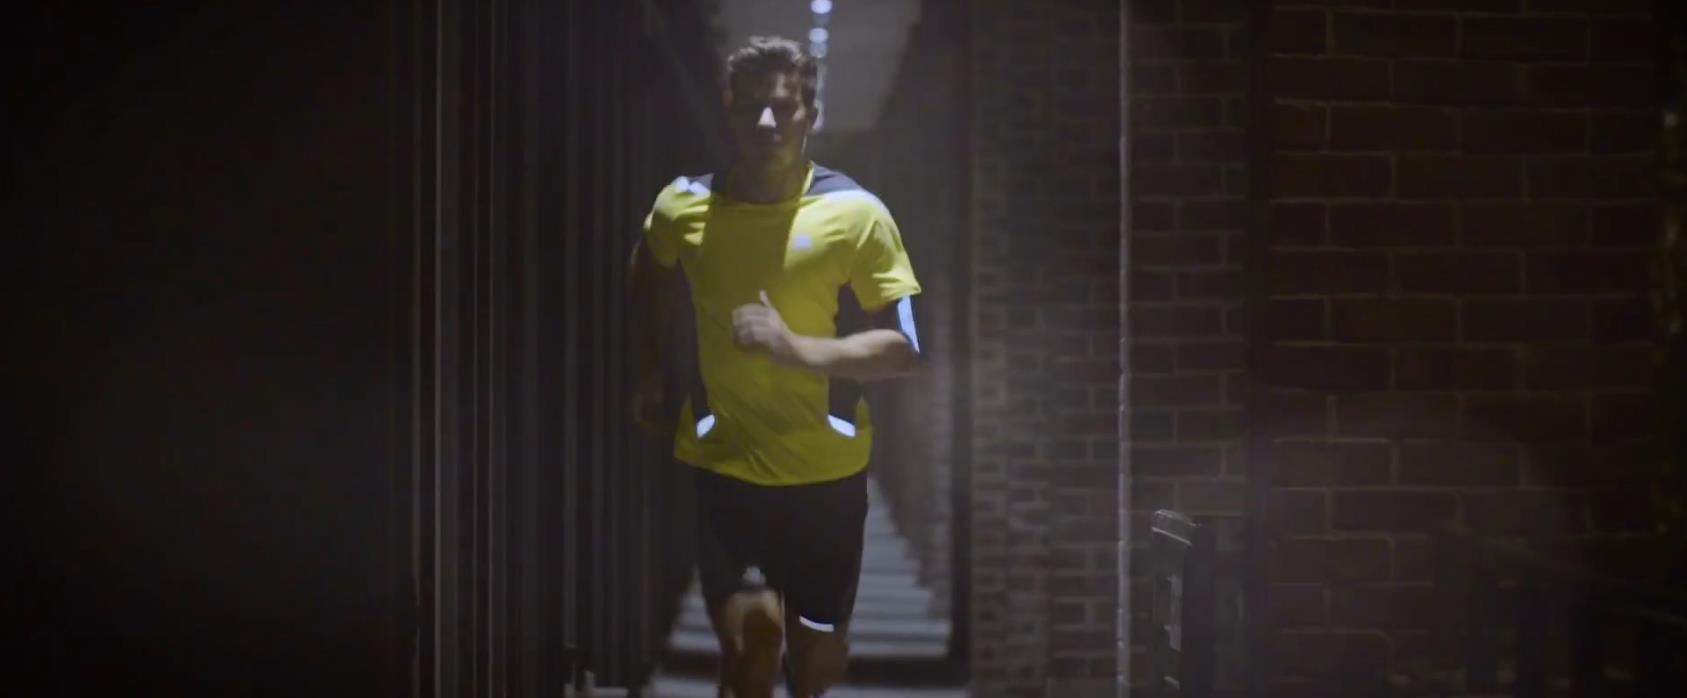 迪卡侬 Kalenji 跑步运动品牌-夜跑系列广告.mp4